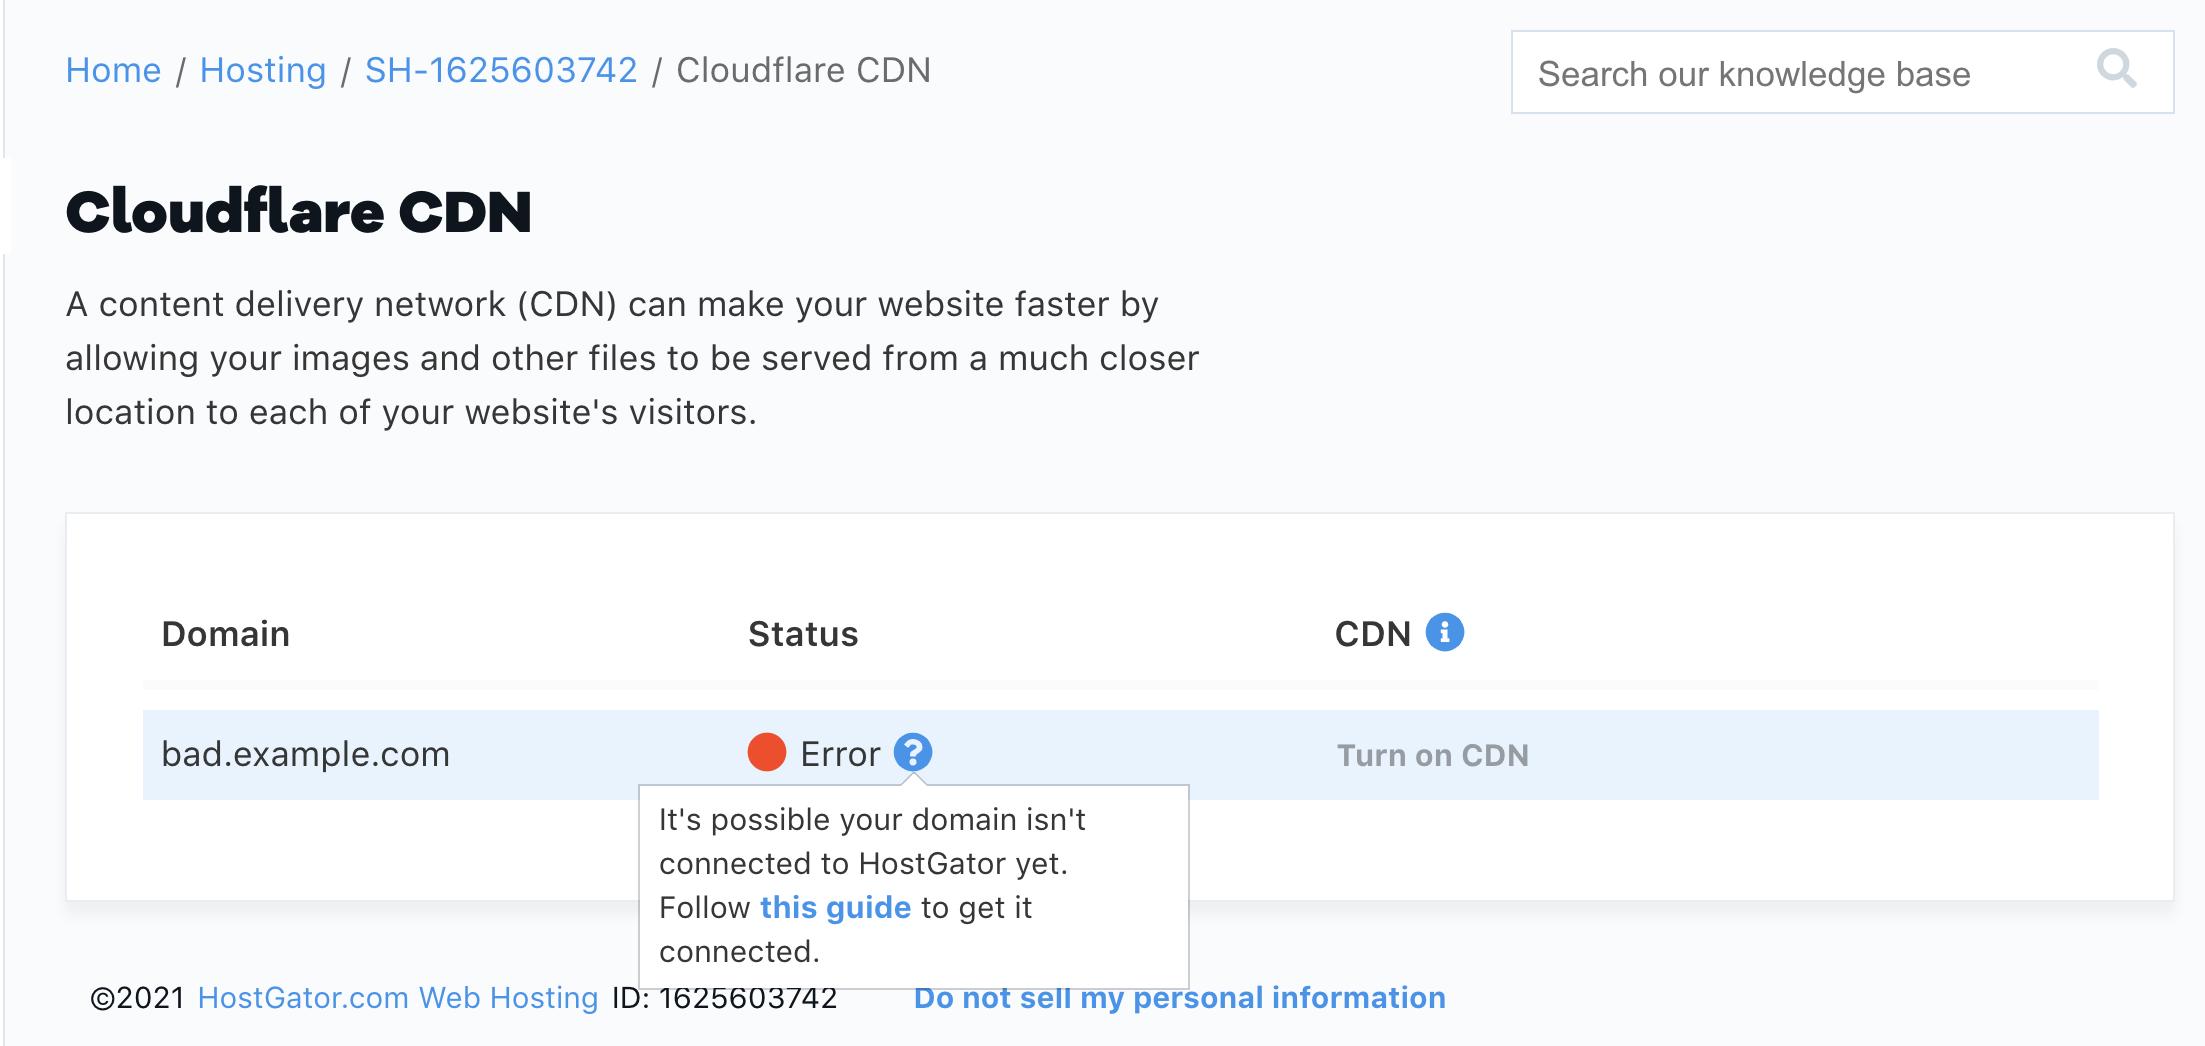 HostGator Cloudflare CDN Error Status